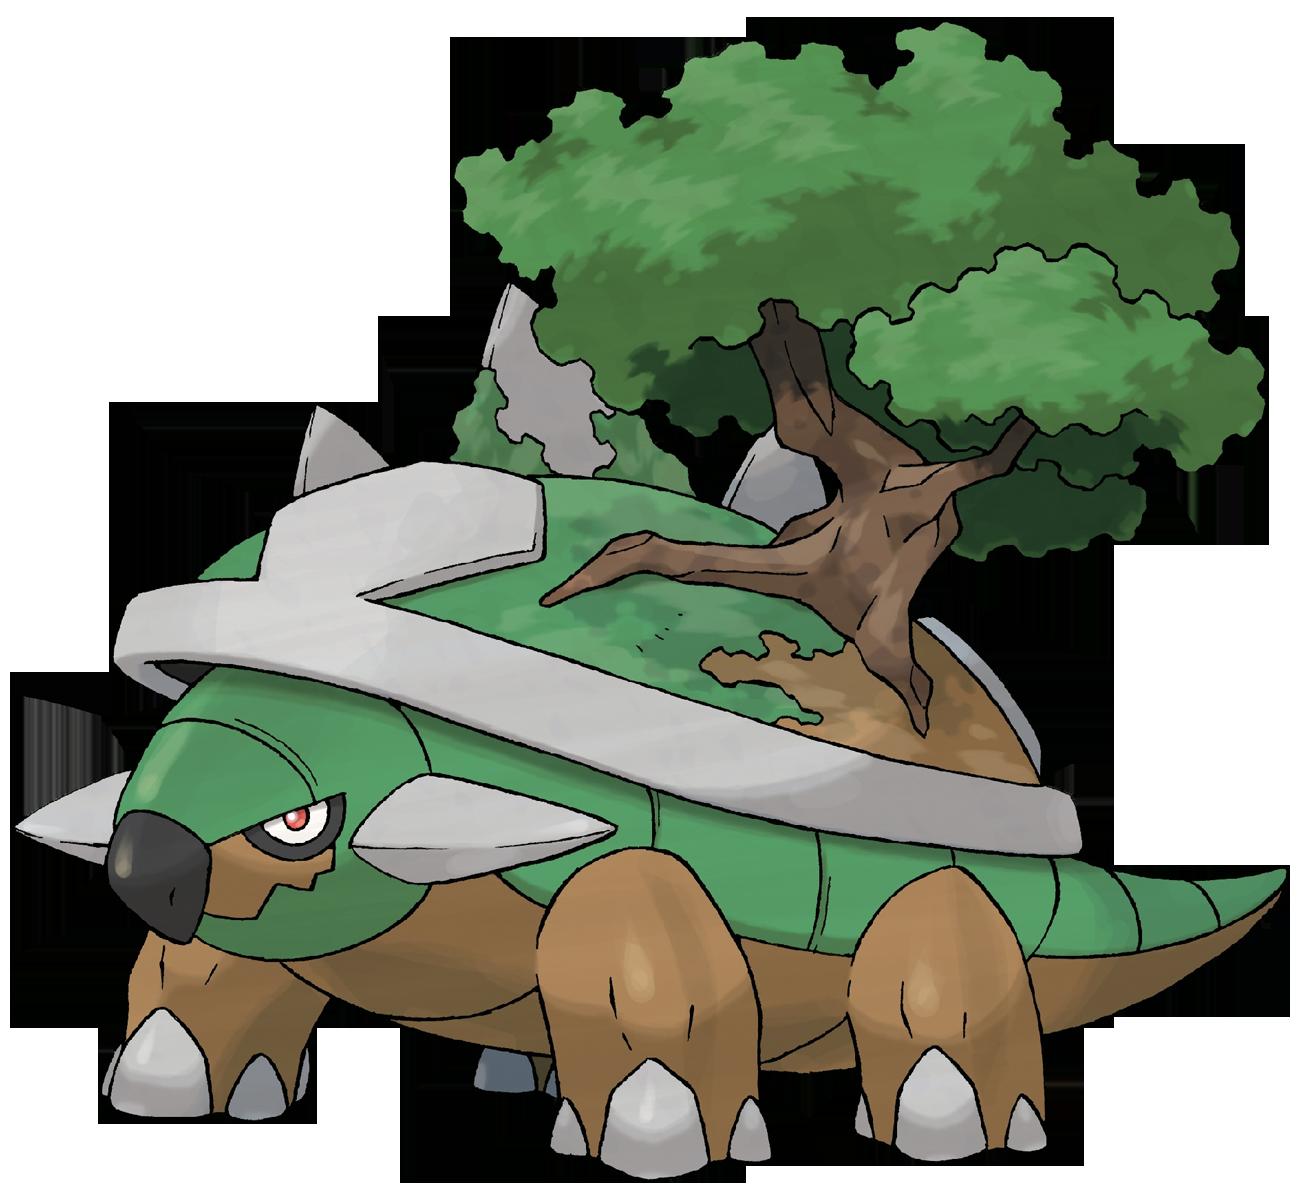 el mejor equipo pokemon